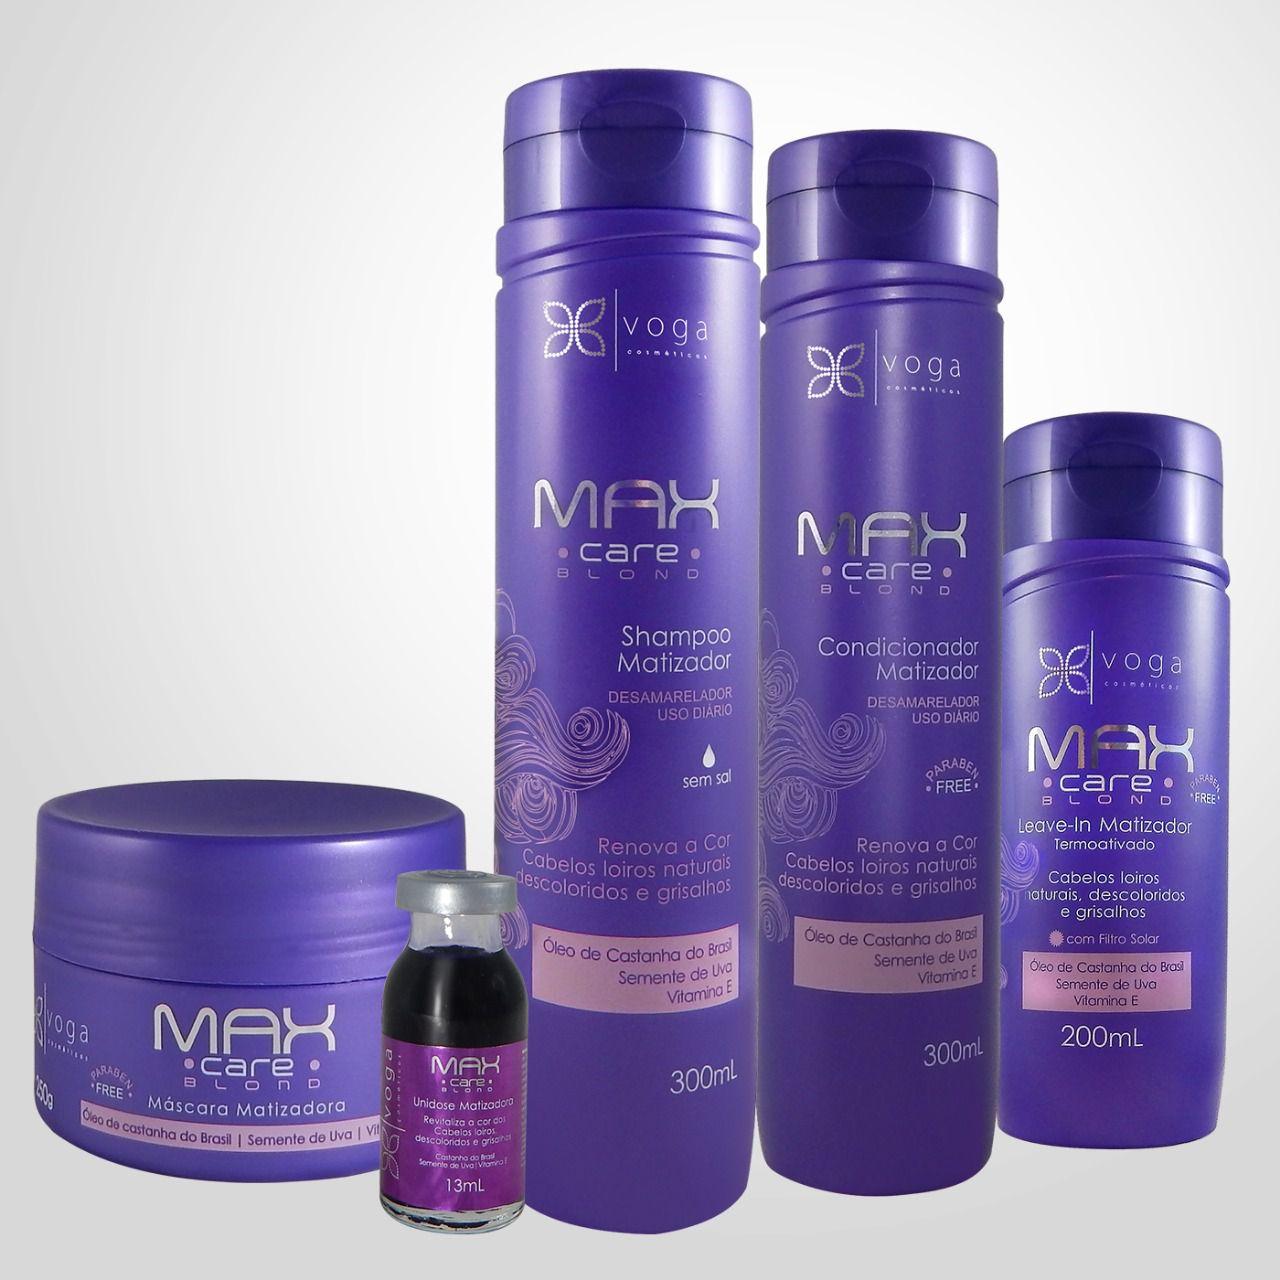 Kit Completo Matização Max Care Blond Voga Cosméticos (5 produtos)